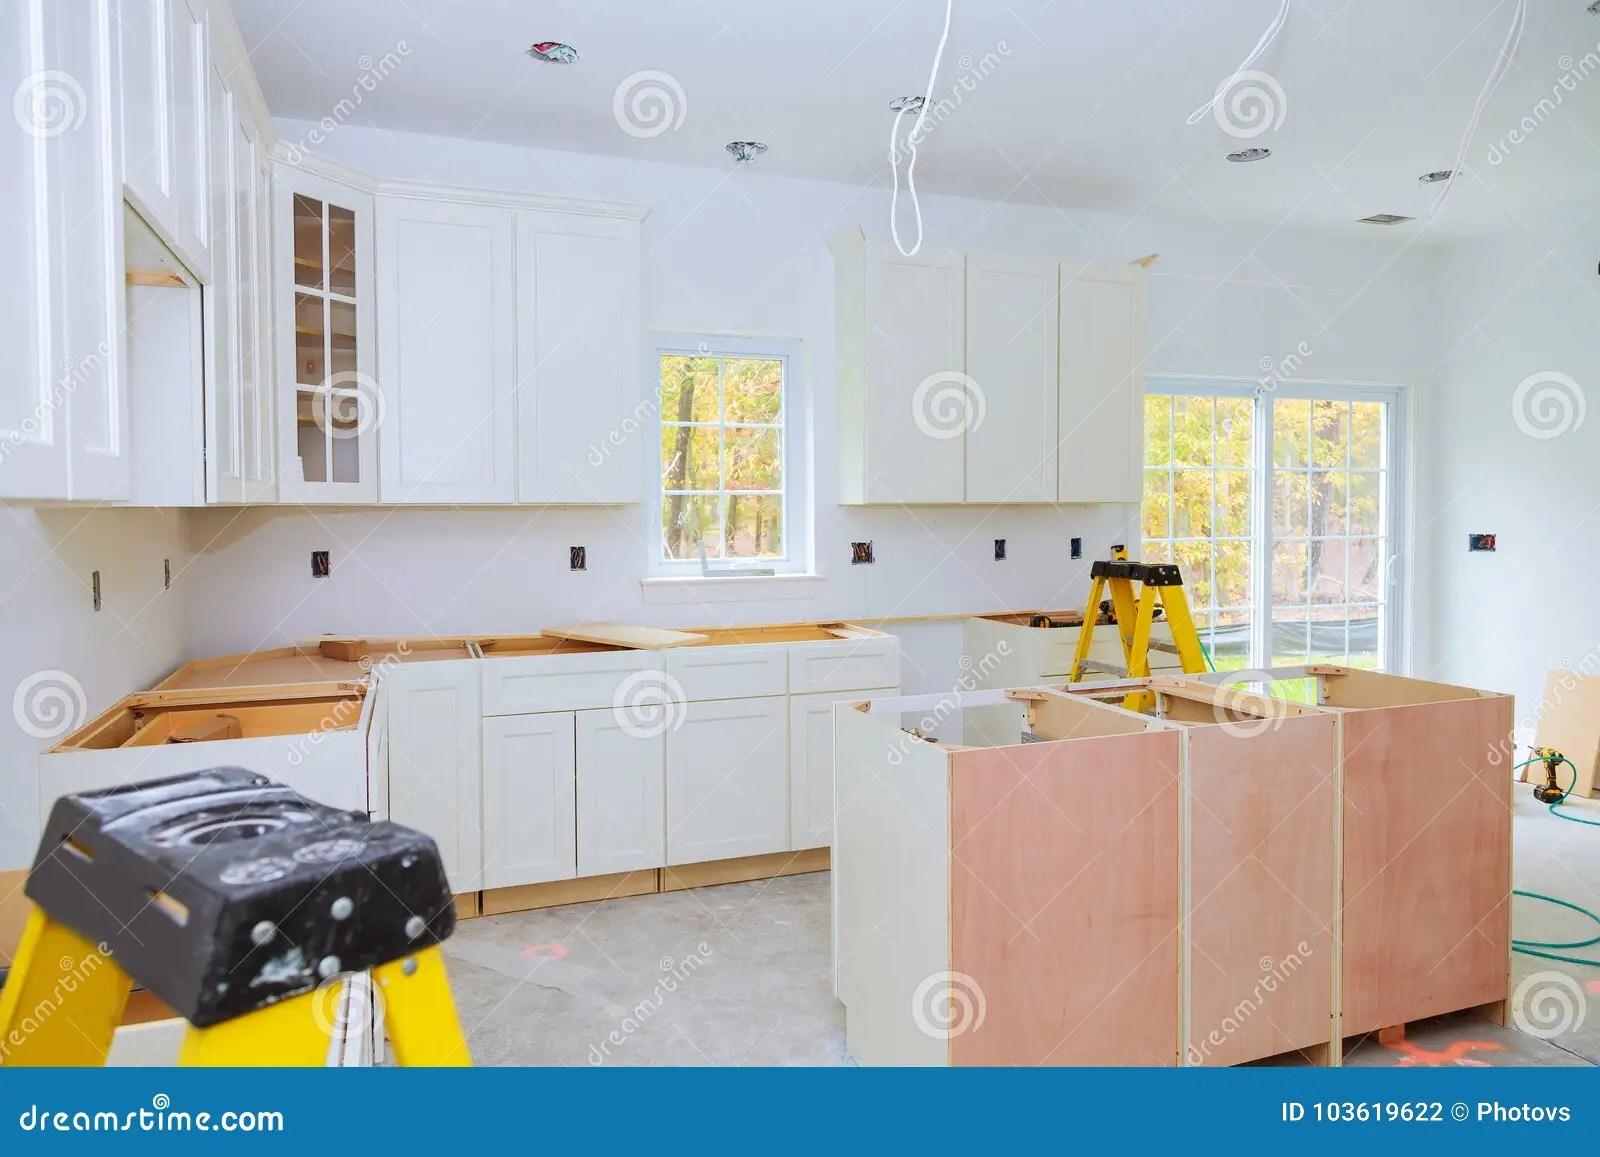 base kitchen cabinets cabinet company 习惯厨柜以设施基地各种各样的阶段海岛的在中心库存照片 图片包括有家庭 习惯厨柜以设施基地各种各样的阶段海岛的在中心